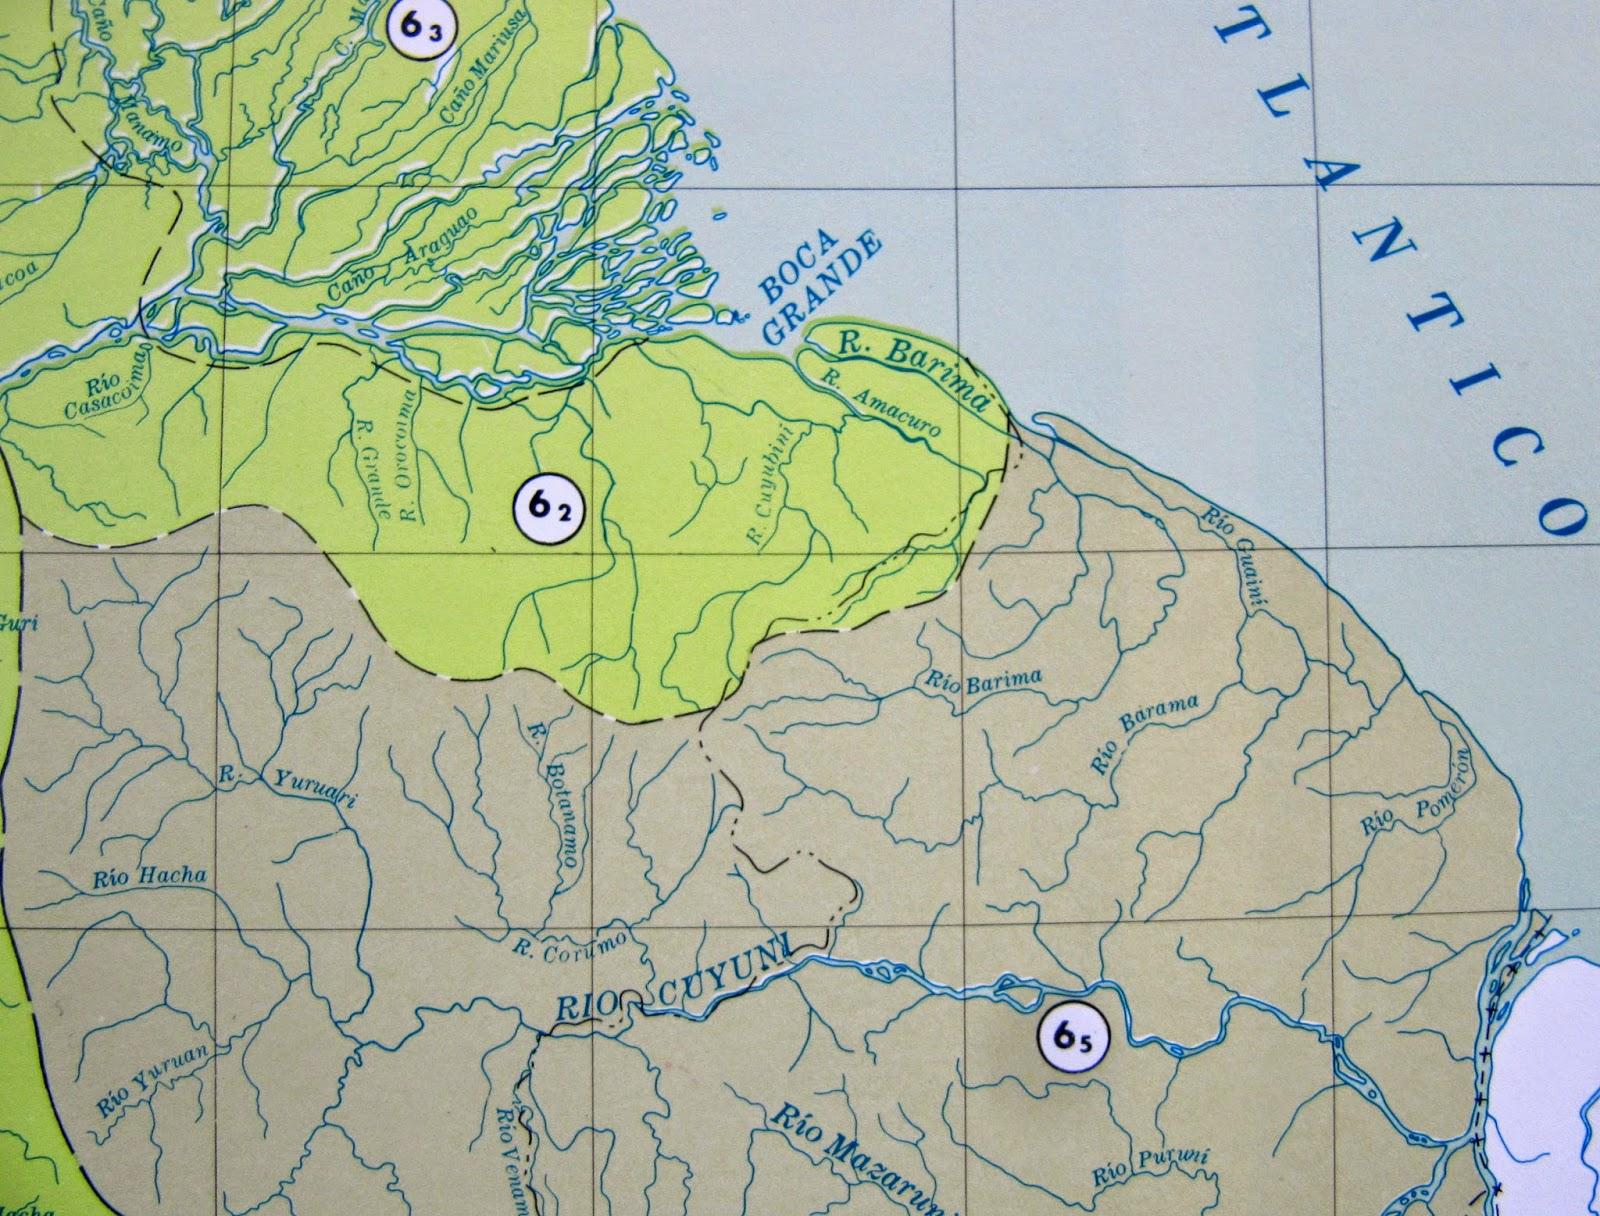 Cartografa de la guayana esequiba junio 2014 una parte del mapa de las cuencas hidrogrficas de venezuela cuenca del ro orinoco bajo orinoco regin delta casacoima orocaima en la que podemos thecheapjerseys Choice Image